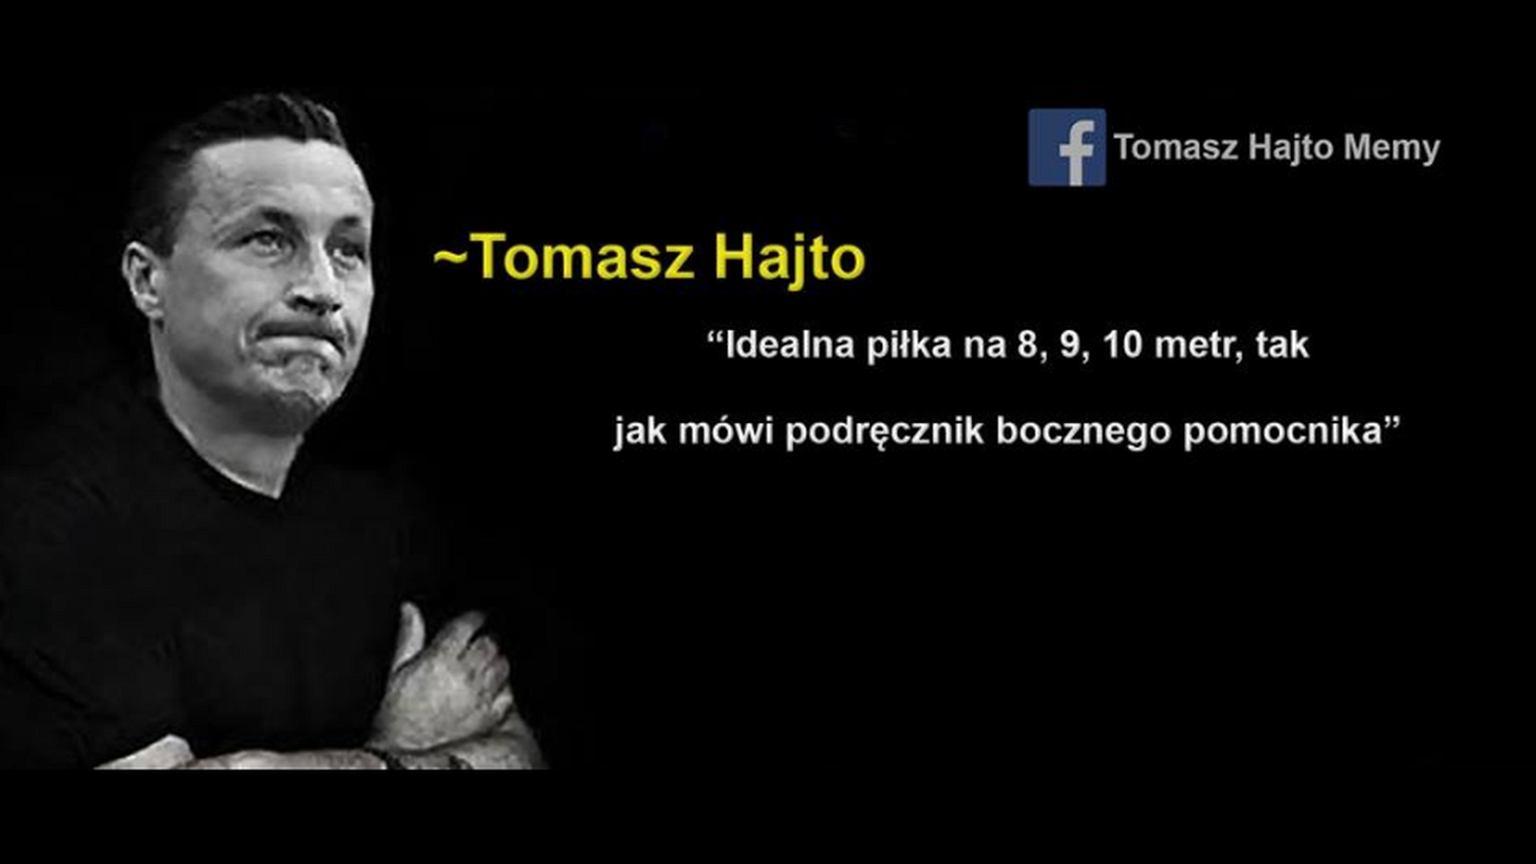 Polska Kazachstan Tomasz Hajto Przeszedł Samego Siebie Najlepsze